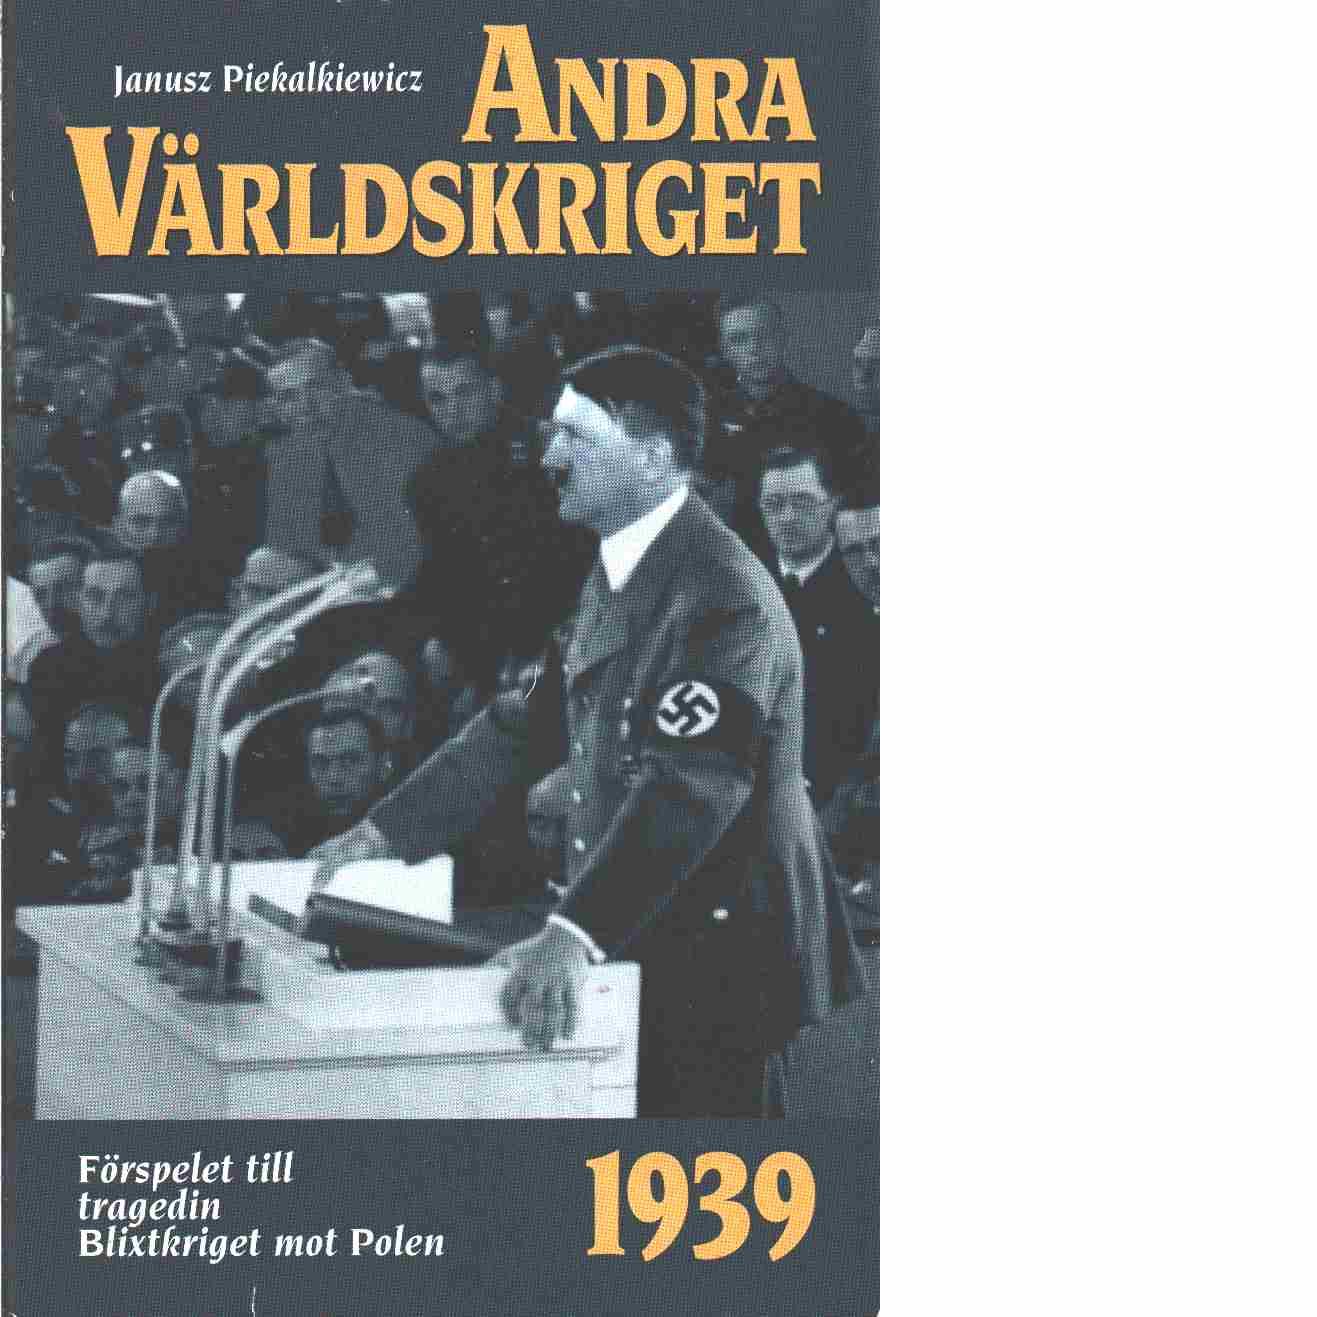 Andra världskriget. 1, Prolog och 1939 års händelser - Piekalkiewicz, Janusz